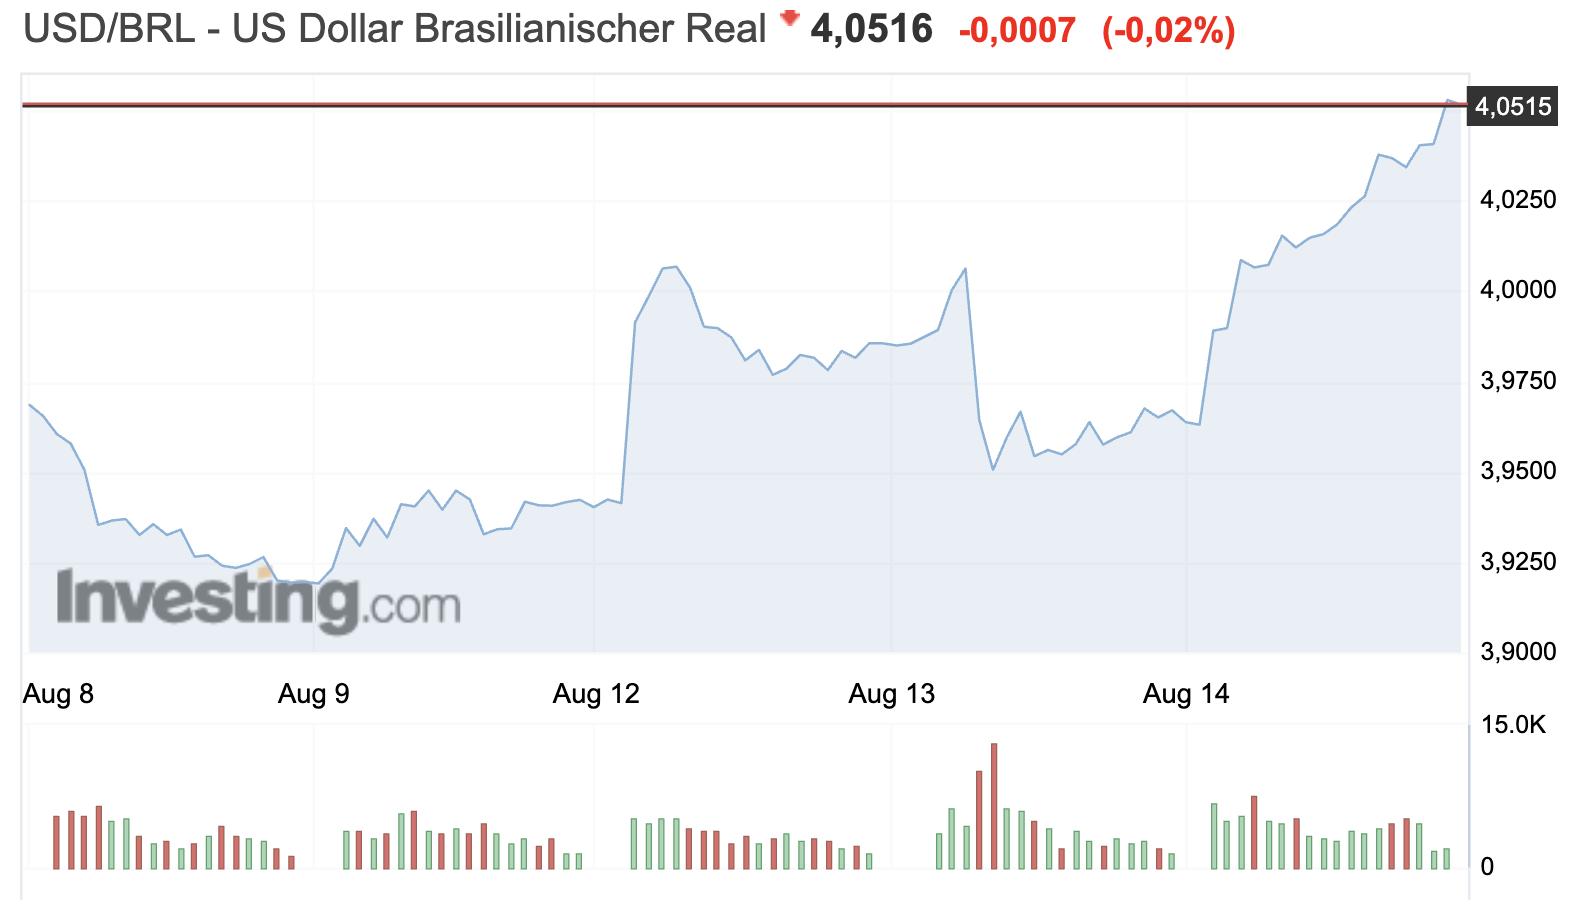 USD vs Real